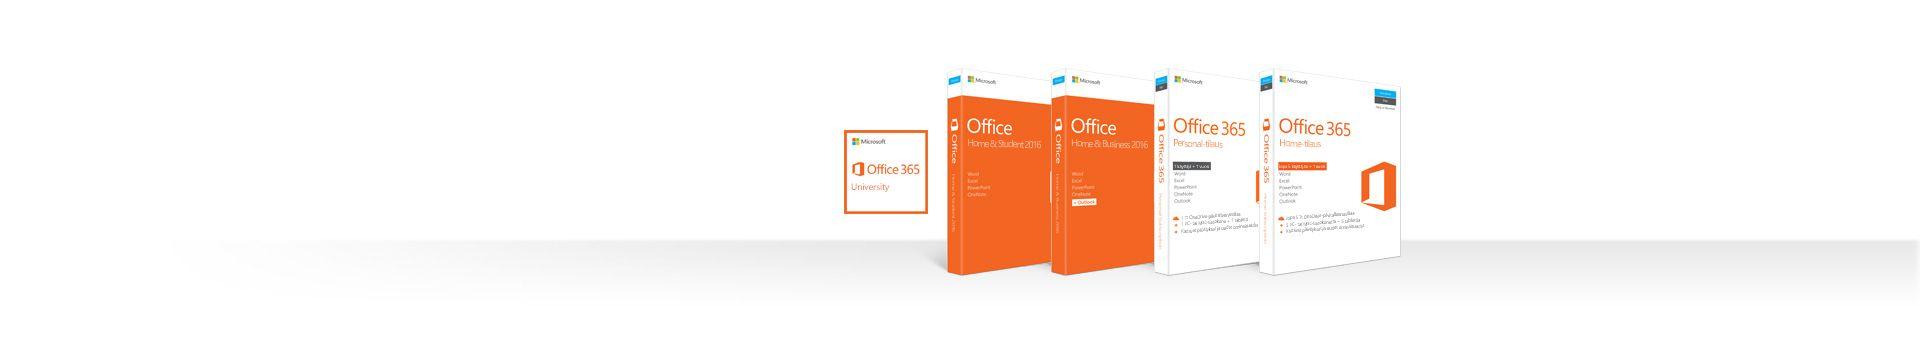 Ruudut, jotka edustavat Officen tilaus- ja erillistuotteita Mac-tietokoneille